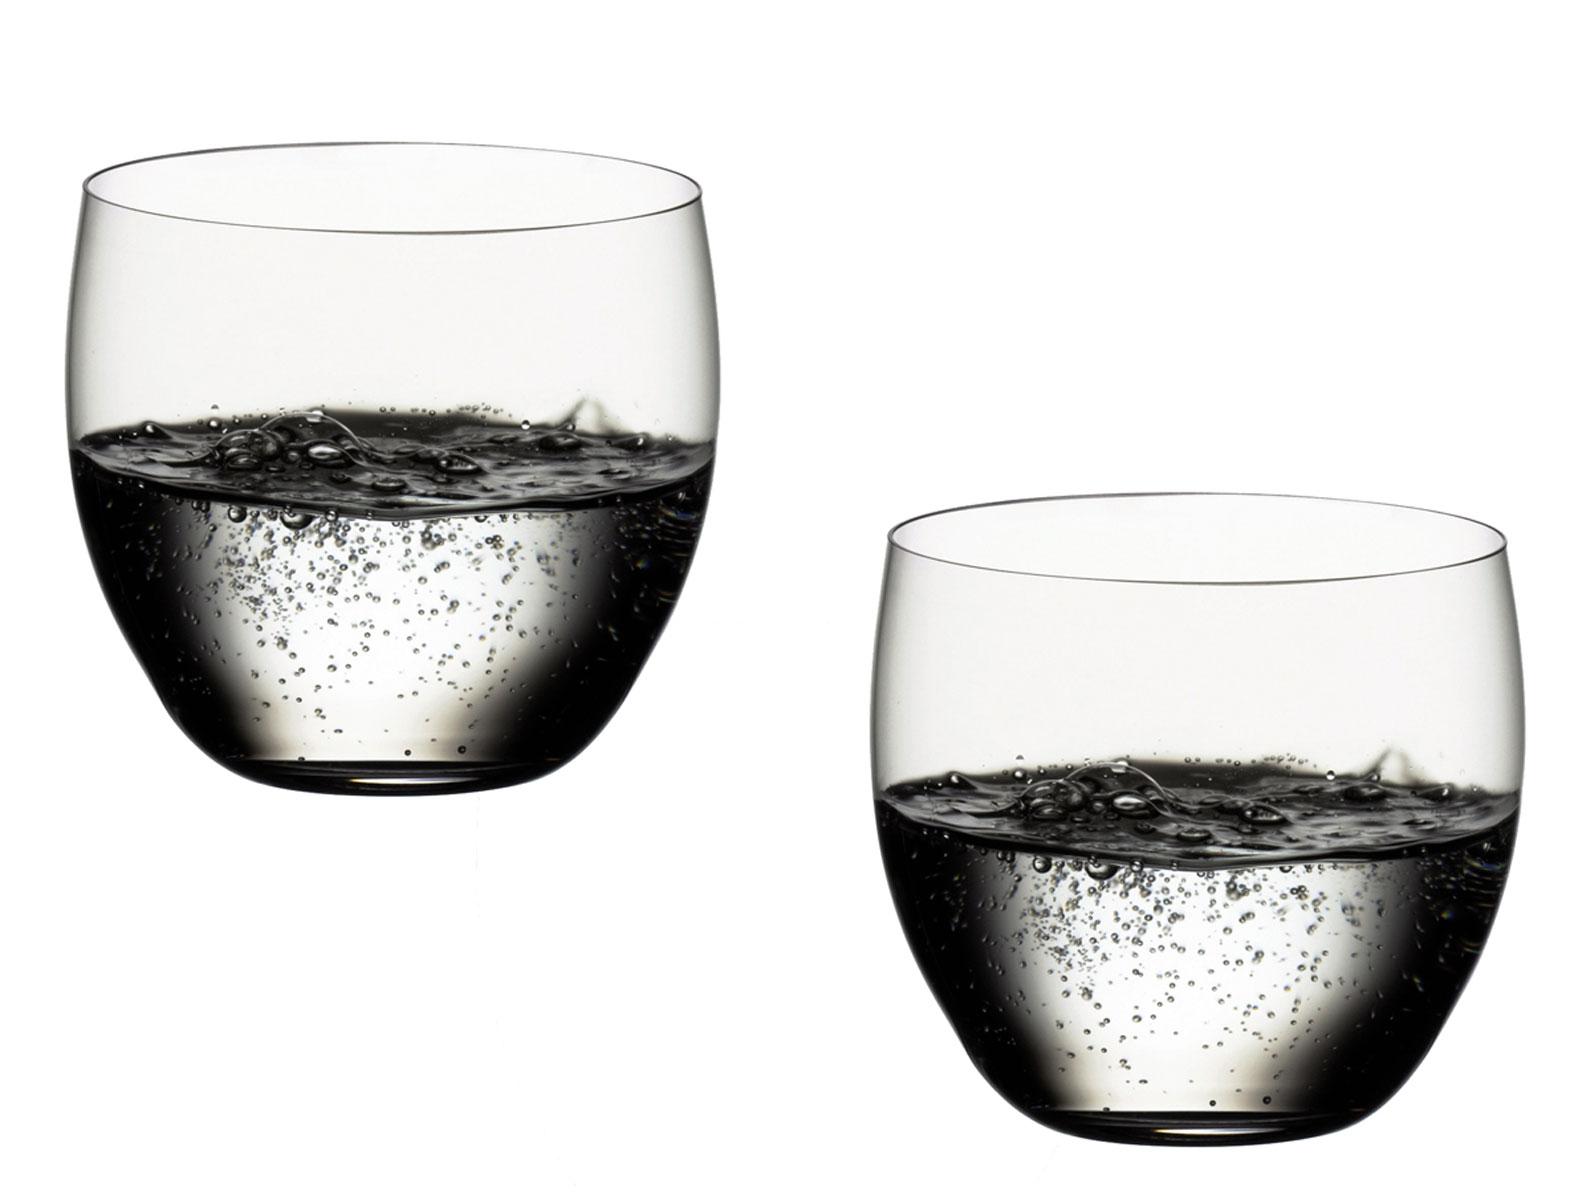 Набор стаканов Riedel Vinum XL, 371 мл, 2 шт6416/20Набор Riedel Vinum XL состоит из двух стаканов, изготовленных из высококачественного стекла. Элегантный дизайн и изящные формы предметов набора привлекут к себе внимание и украсят интерьер.Стаканы идеально подойдут для сервировки стола и станут отличным подарком к любому празднику. Диаметр стакана (по верхнему краю): 8,5 см. Высота фужера: 8,5 см.